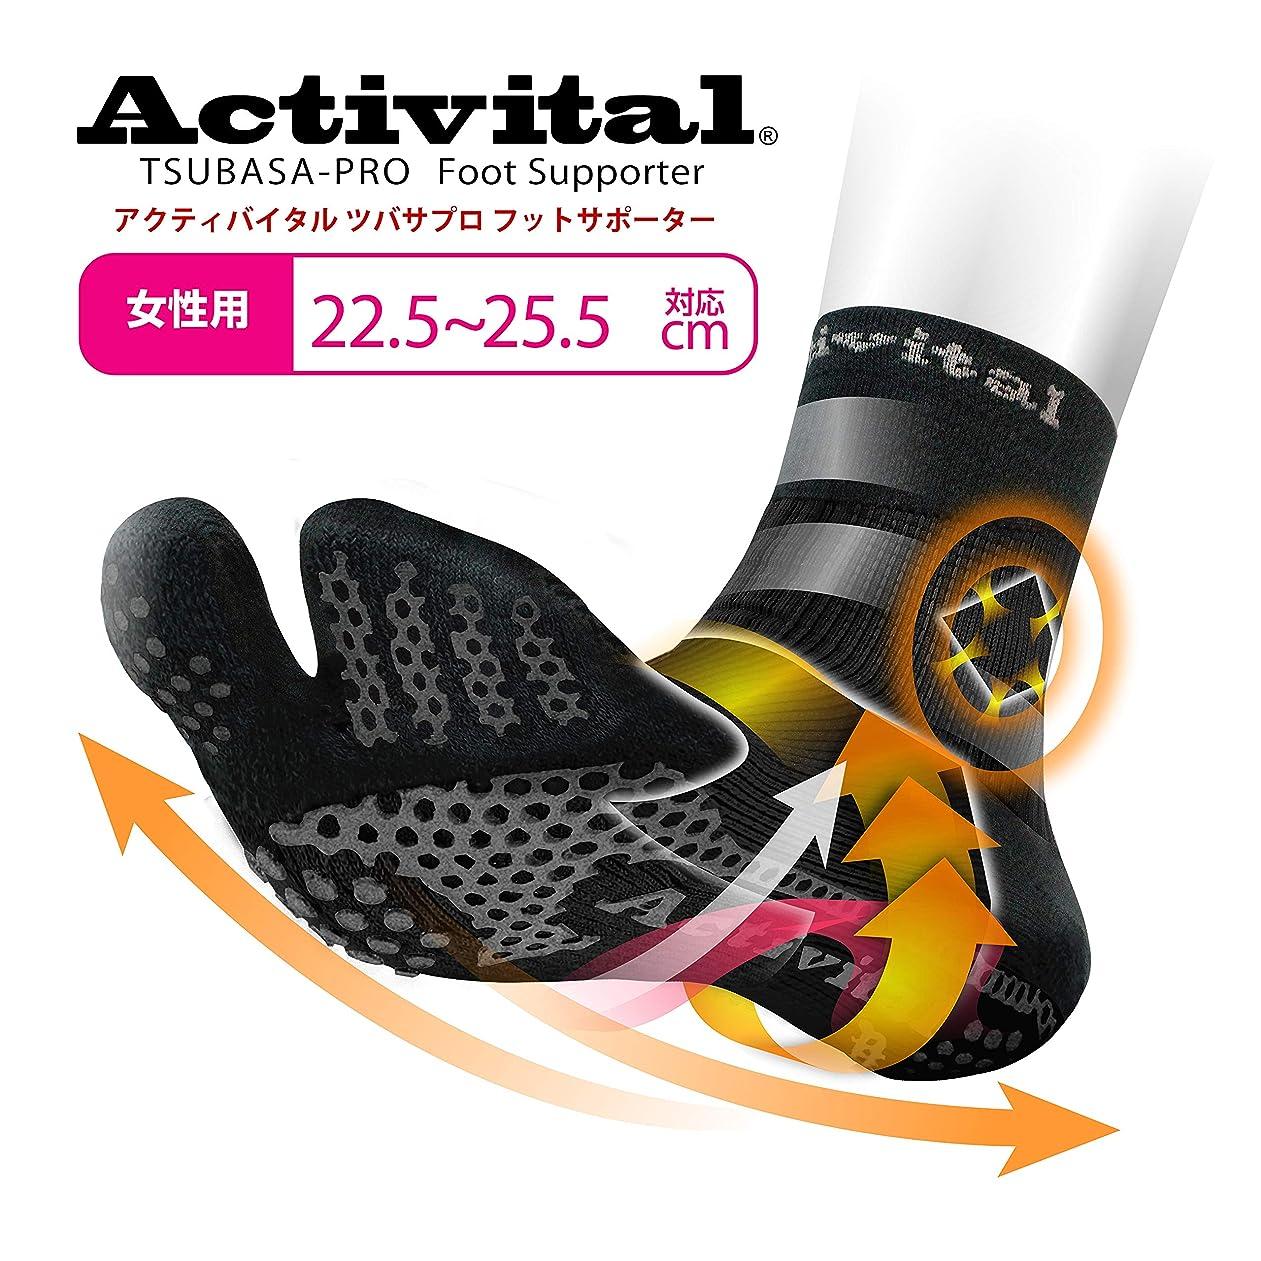 禁じる自伝ペインActivital アクティバイタル ツバサプロ フットサポーター レディース ブラック 22.5~25.5cm